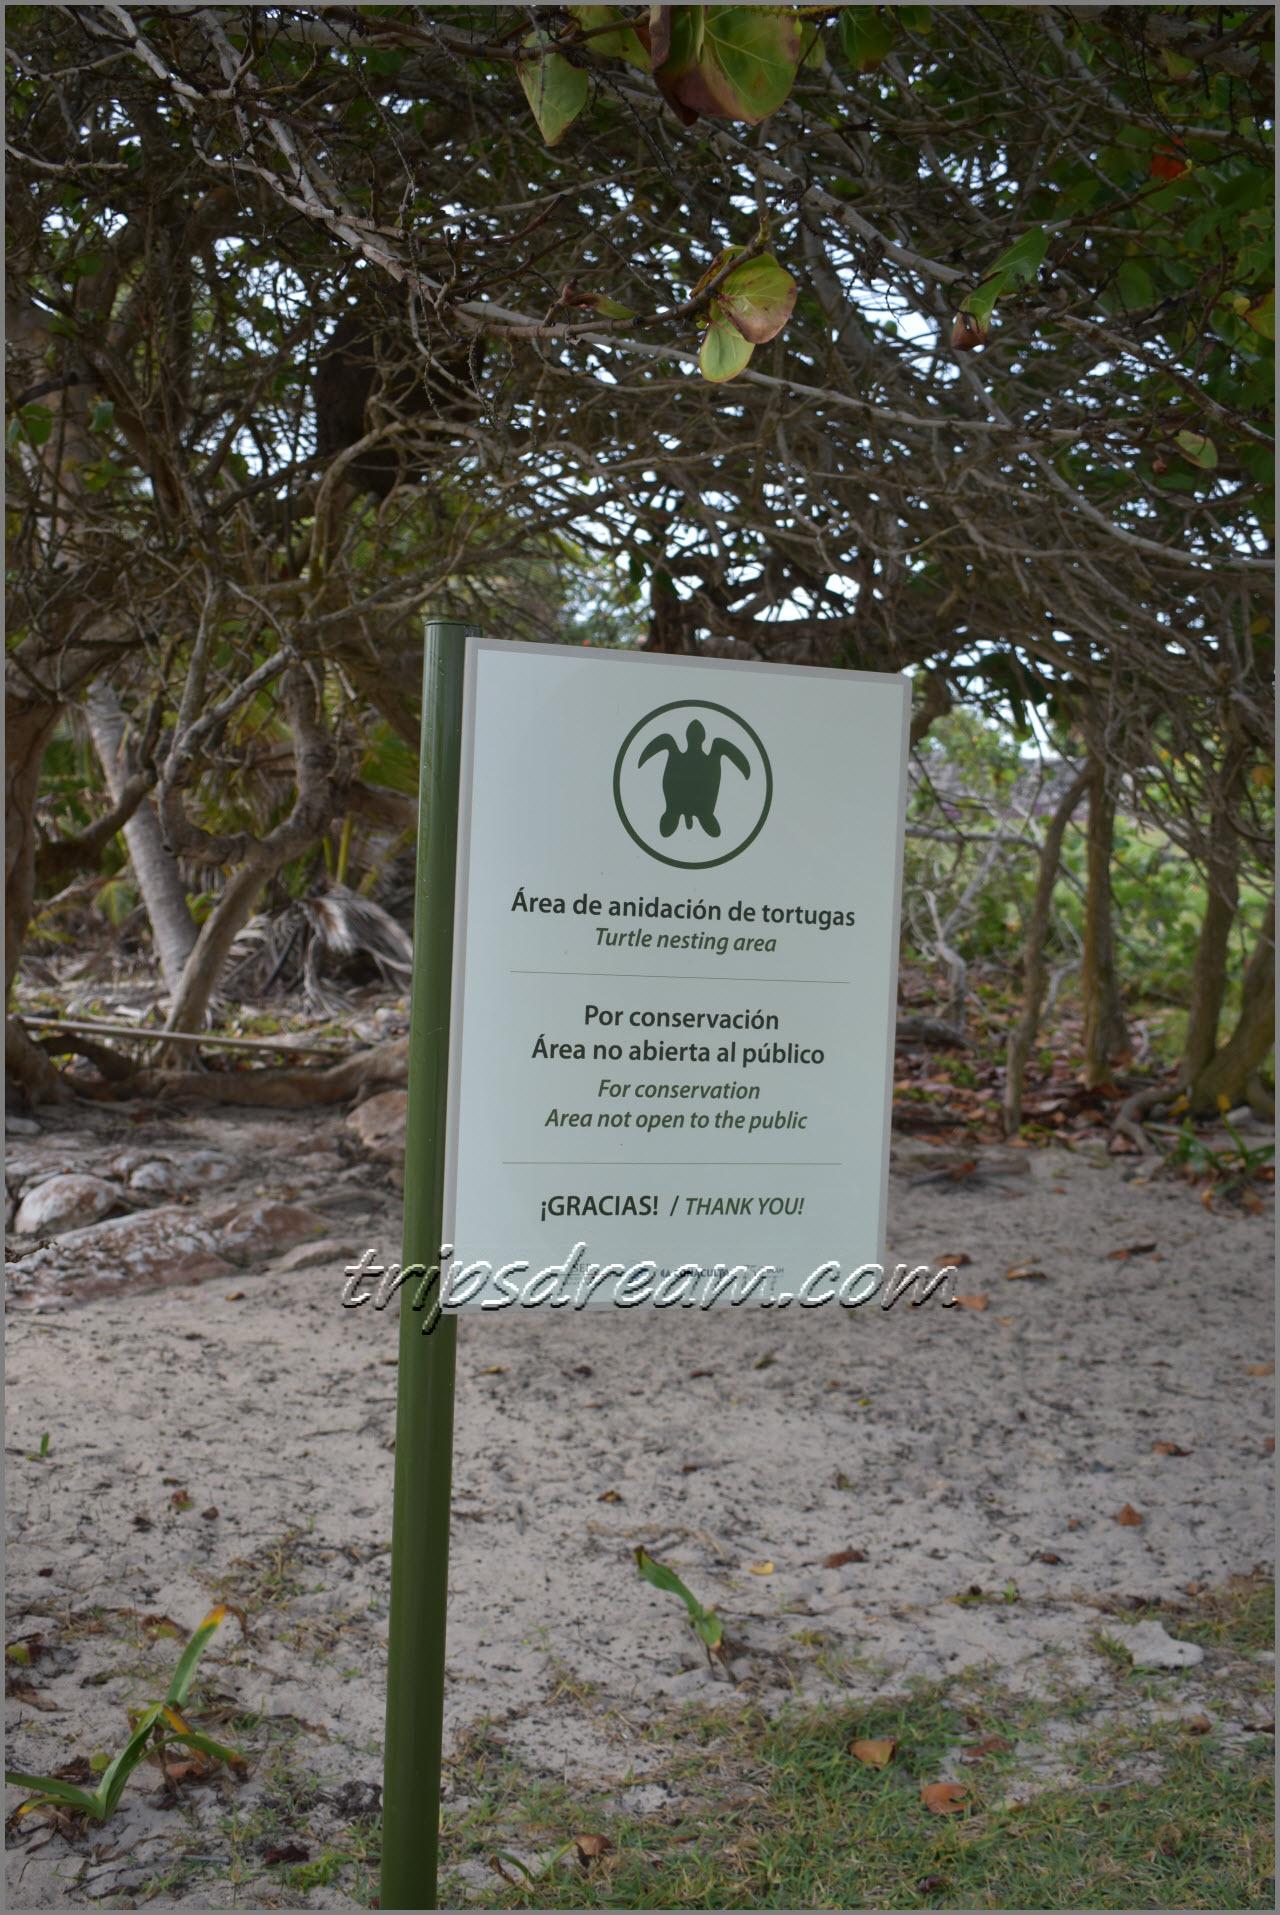 Тулум - место гнездования черепах